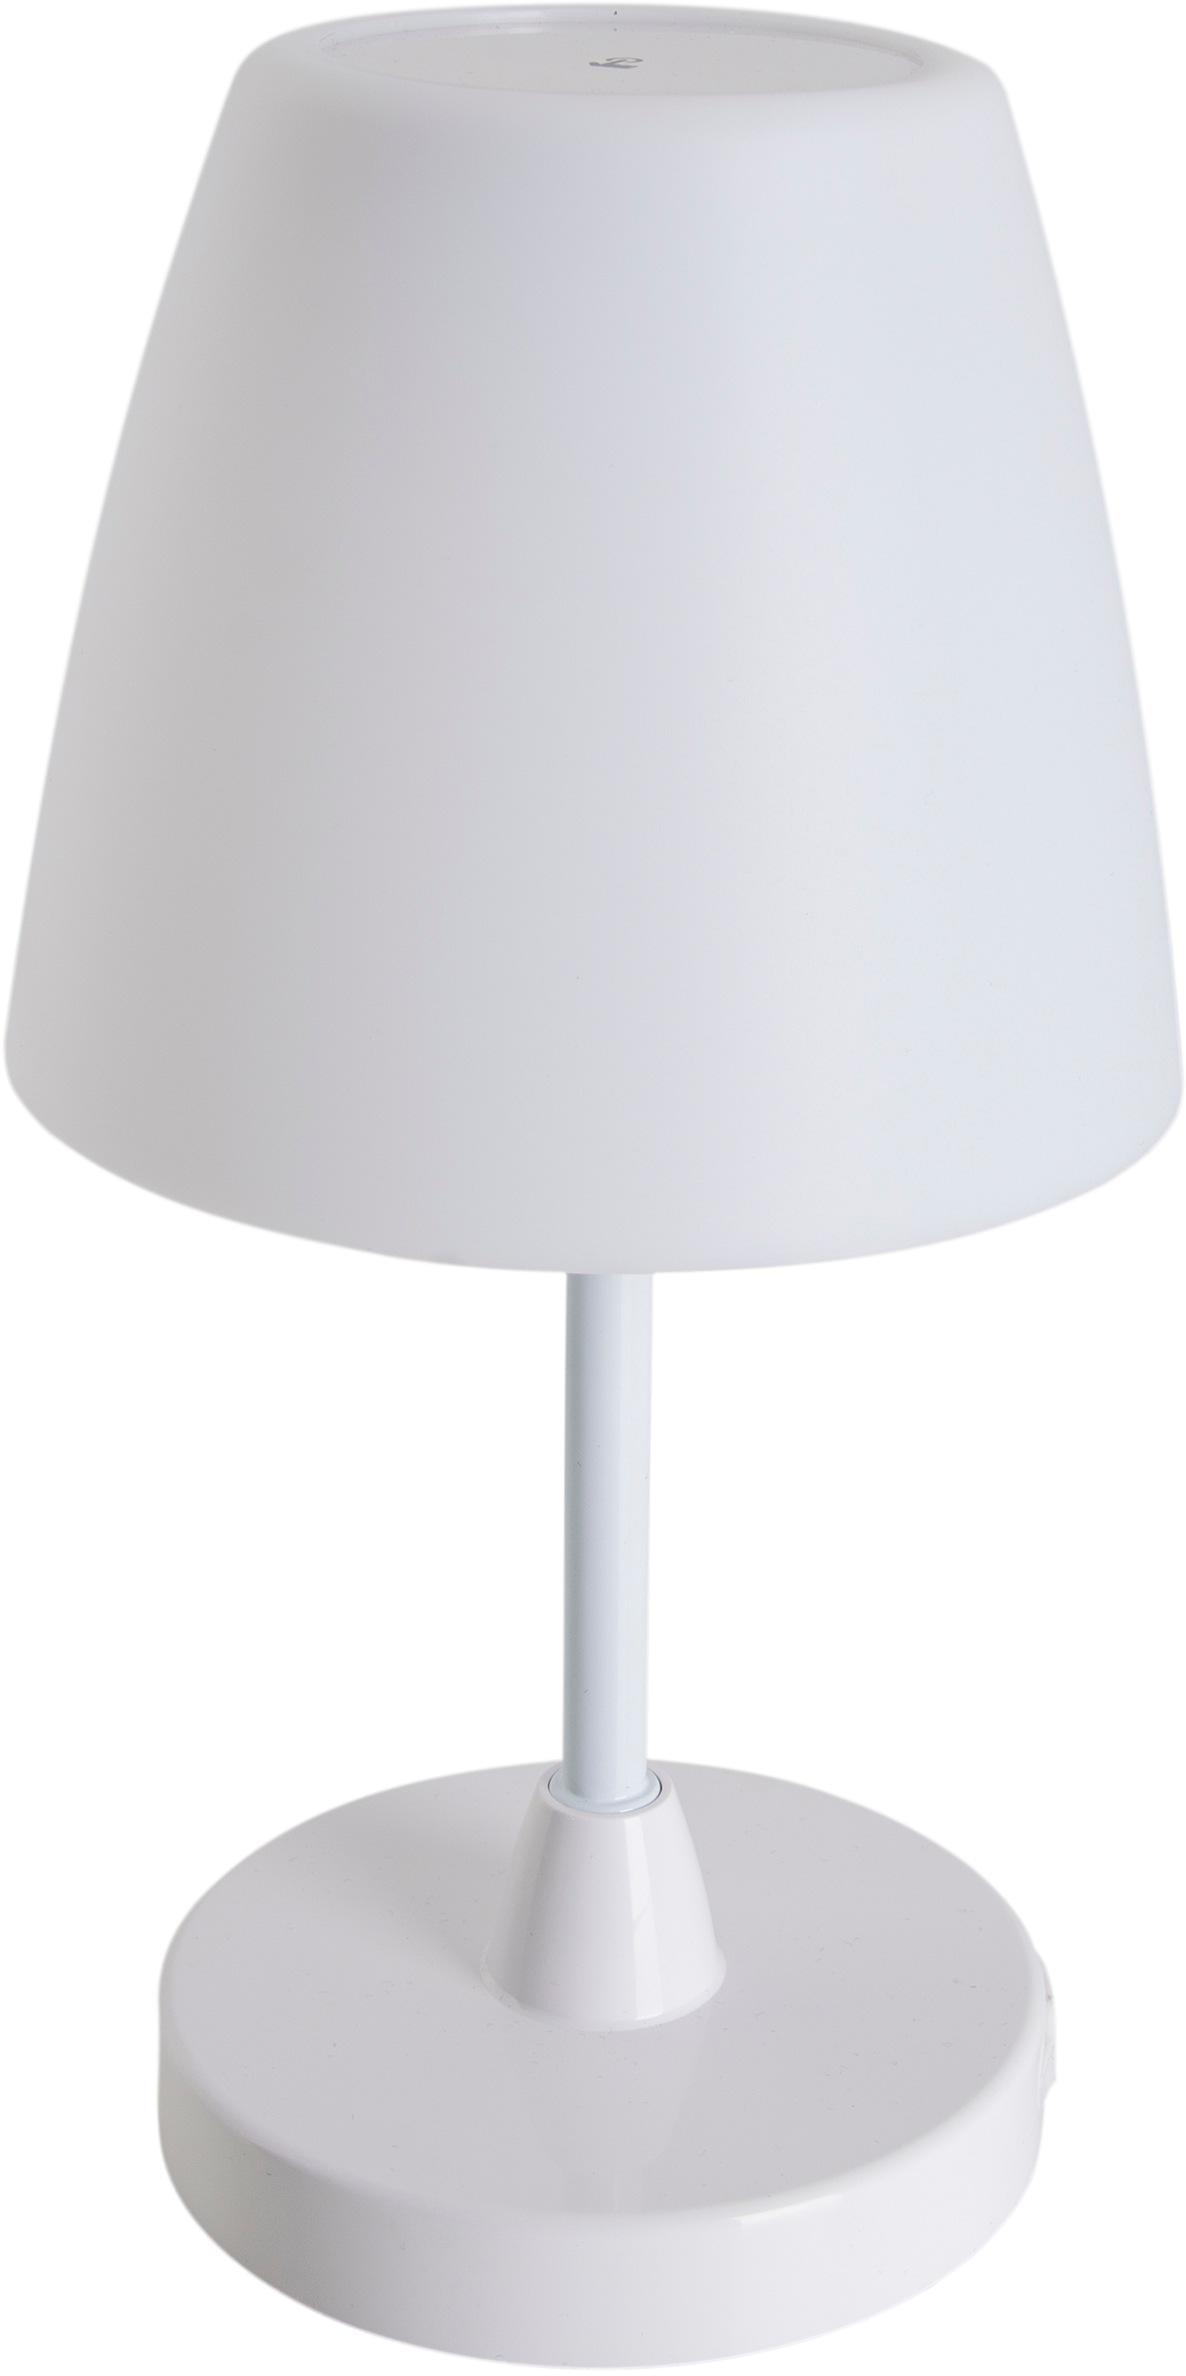 näve Tischleuchte Toora, LED-Board, 1 St., Neutralweiß, Tischlampe für Innen und Außen geeignet